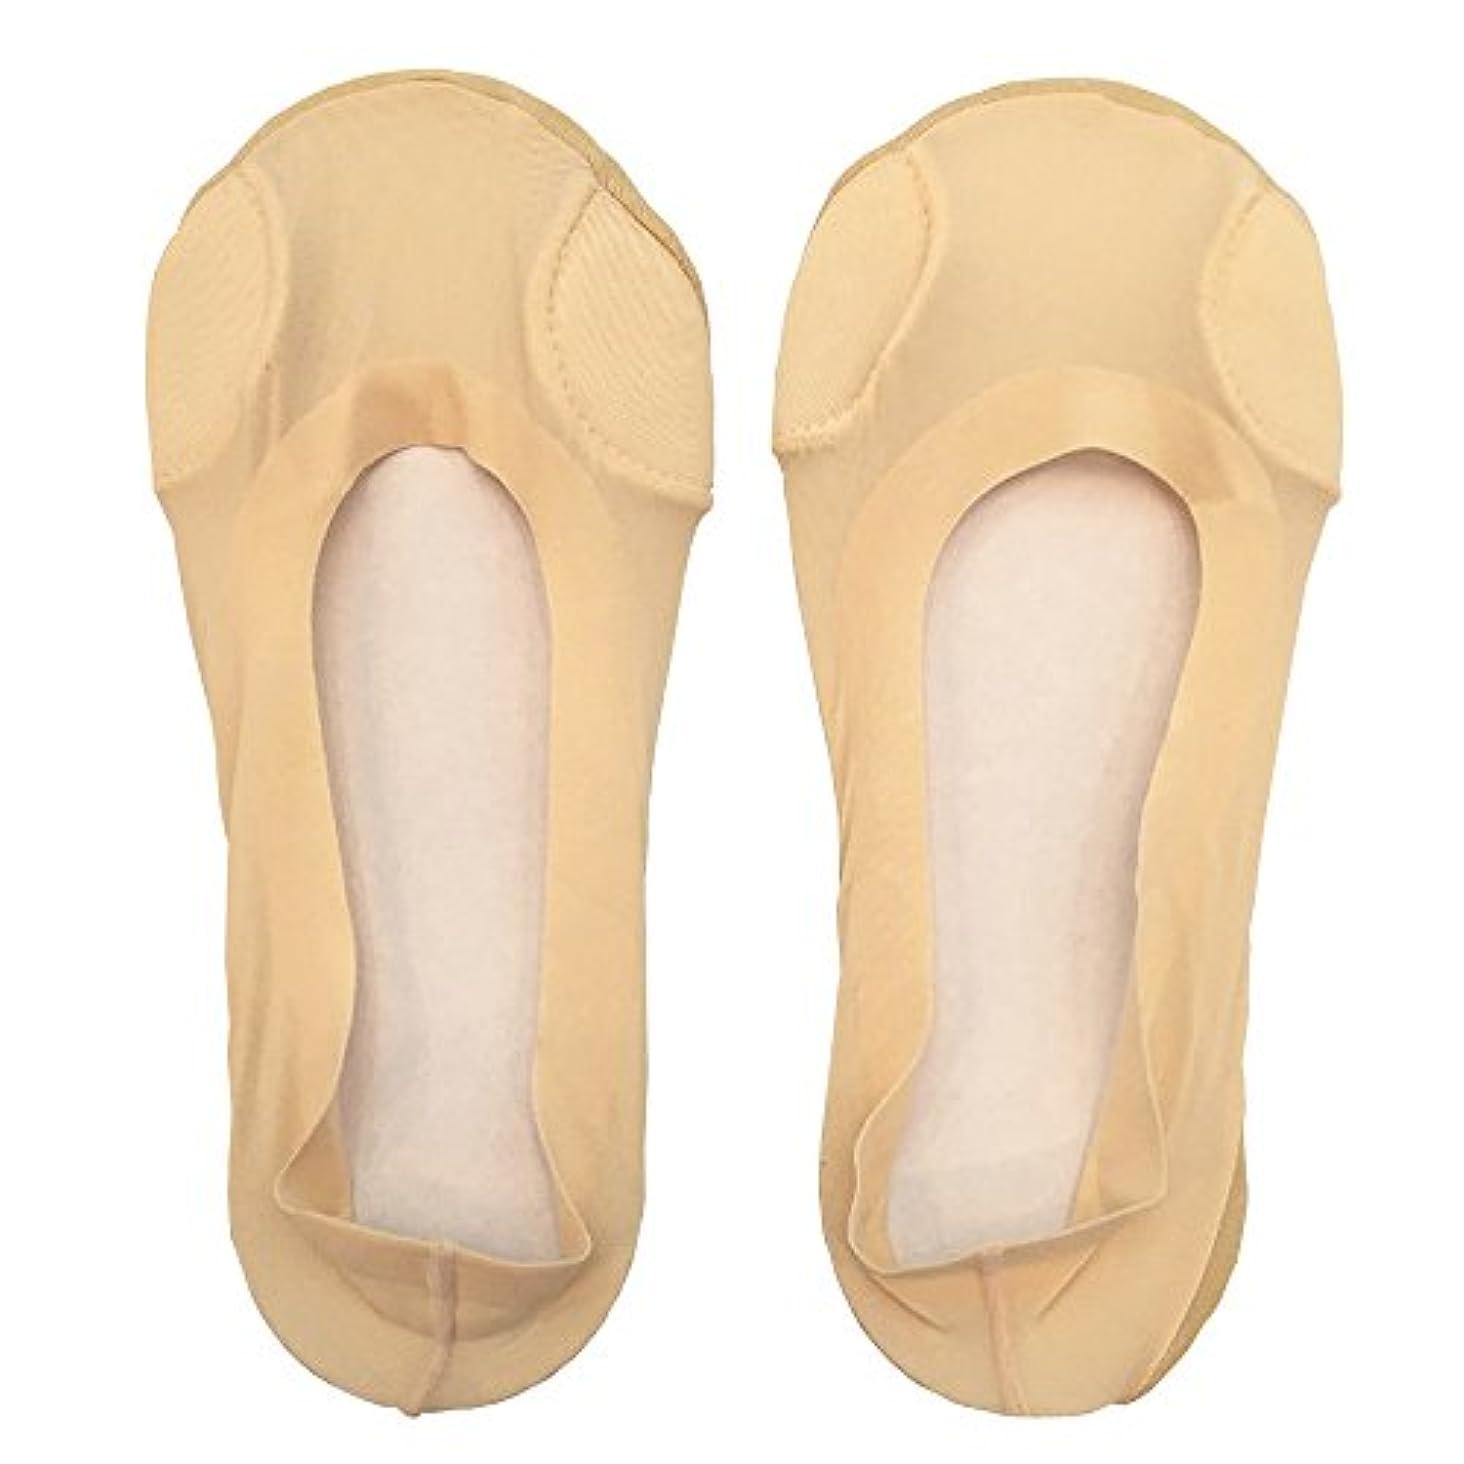 ネーピア通訳渇きDrScholl(ドクターショール)靴ずれ防止フットカバー 指両側クッション付き 8805DR-80 ベージュ